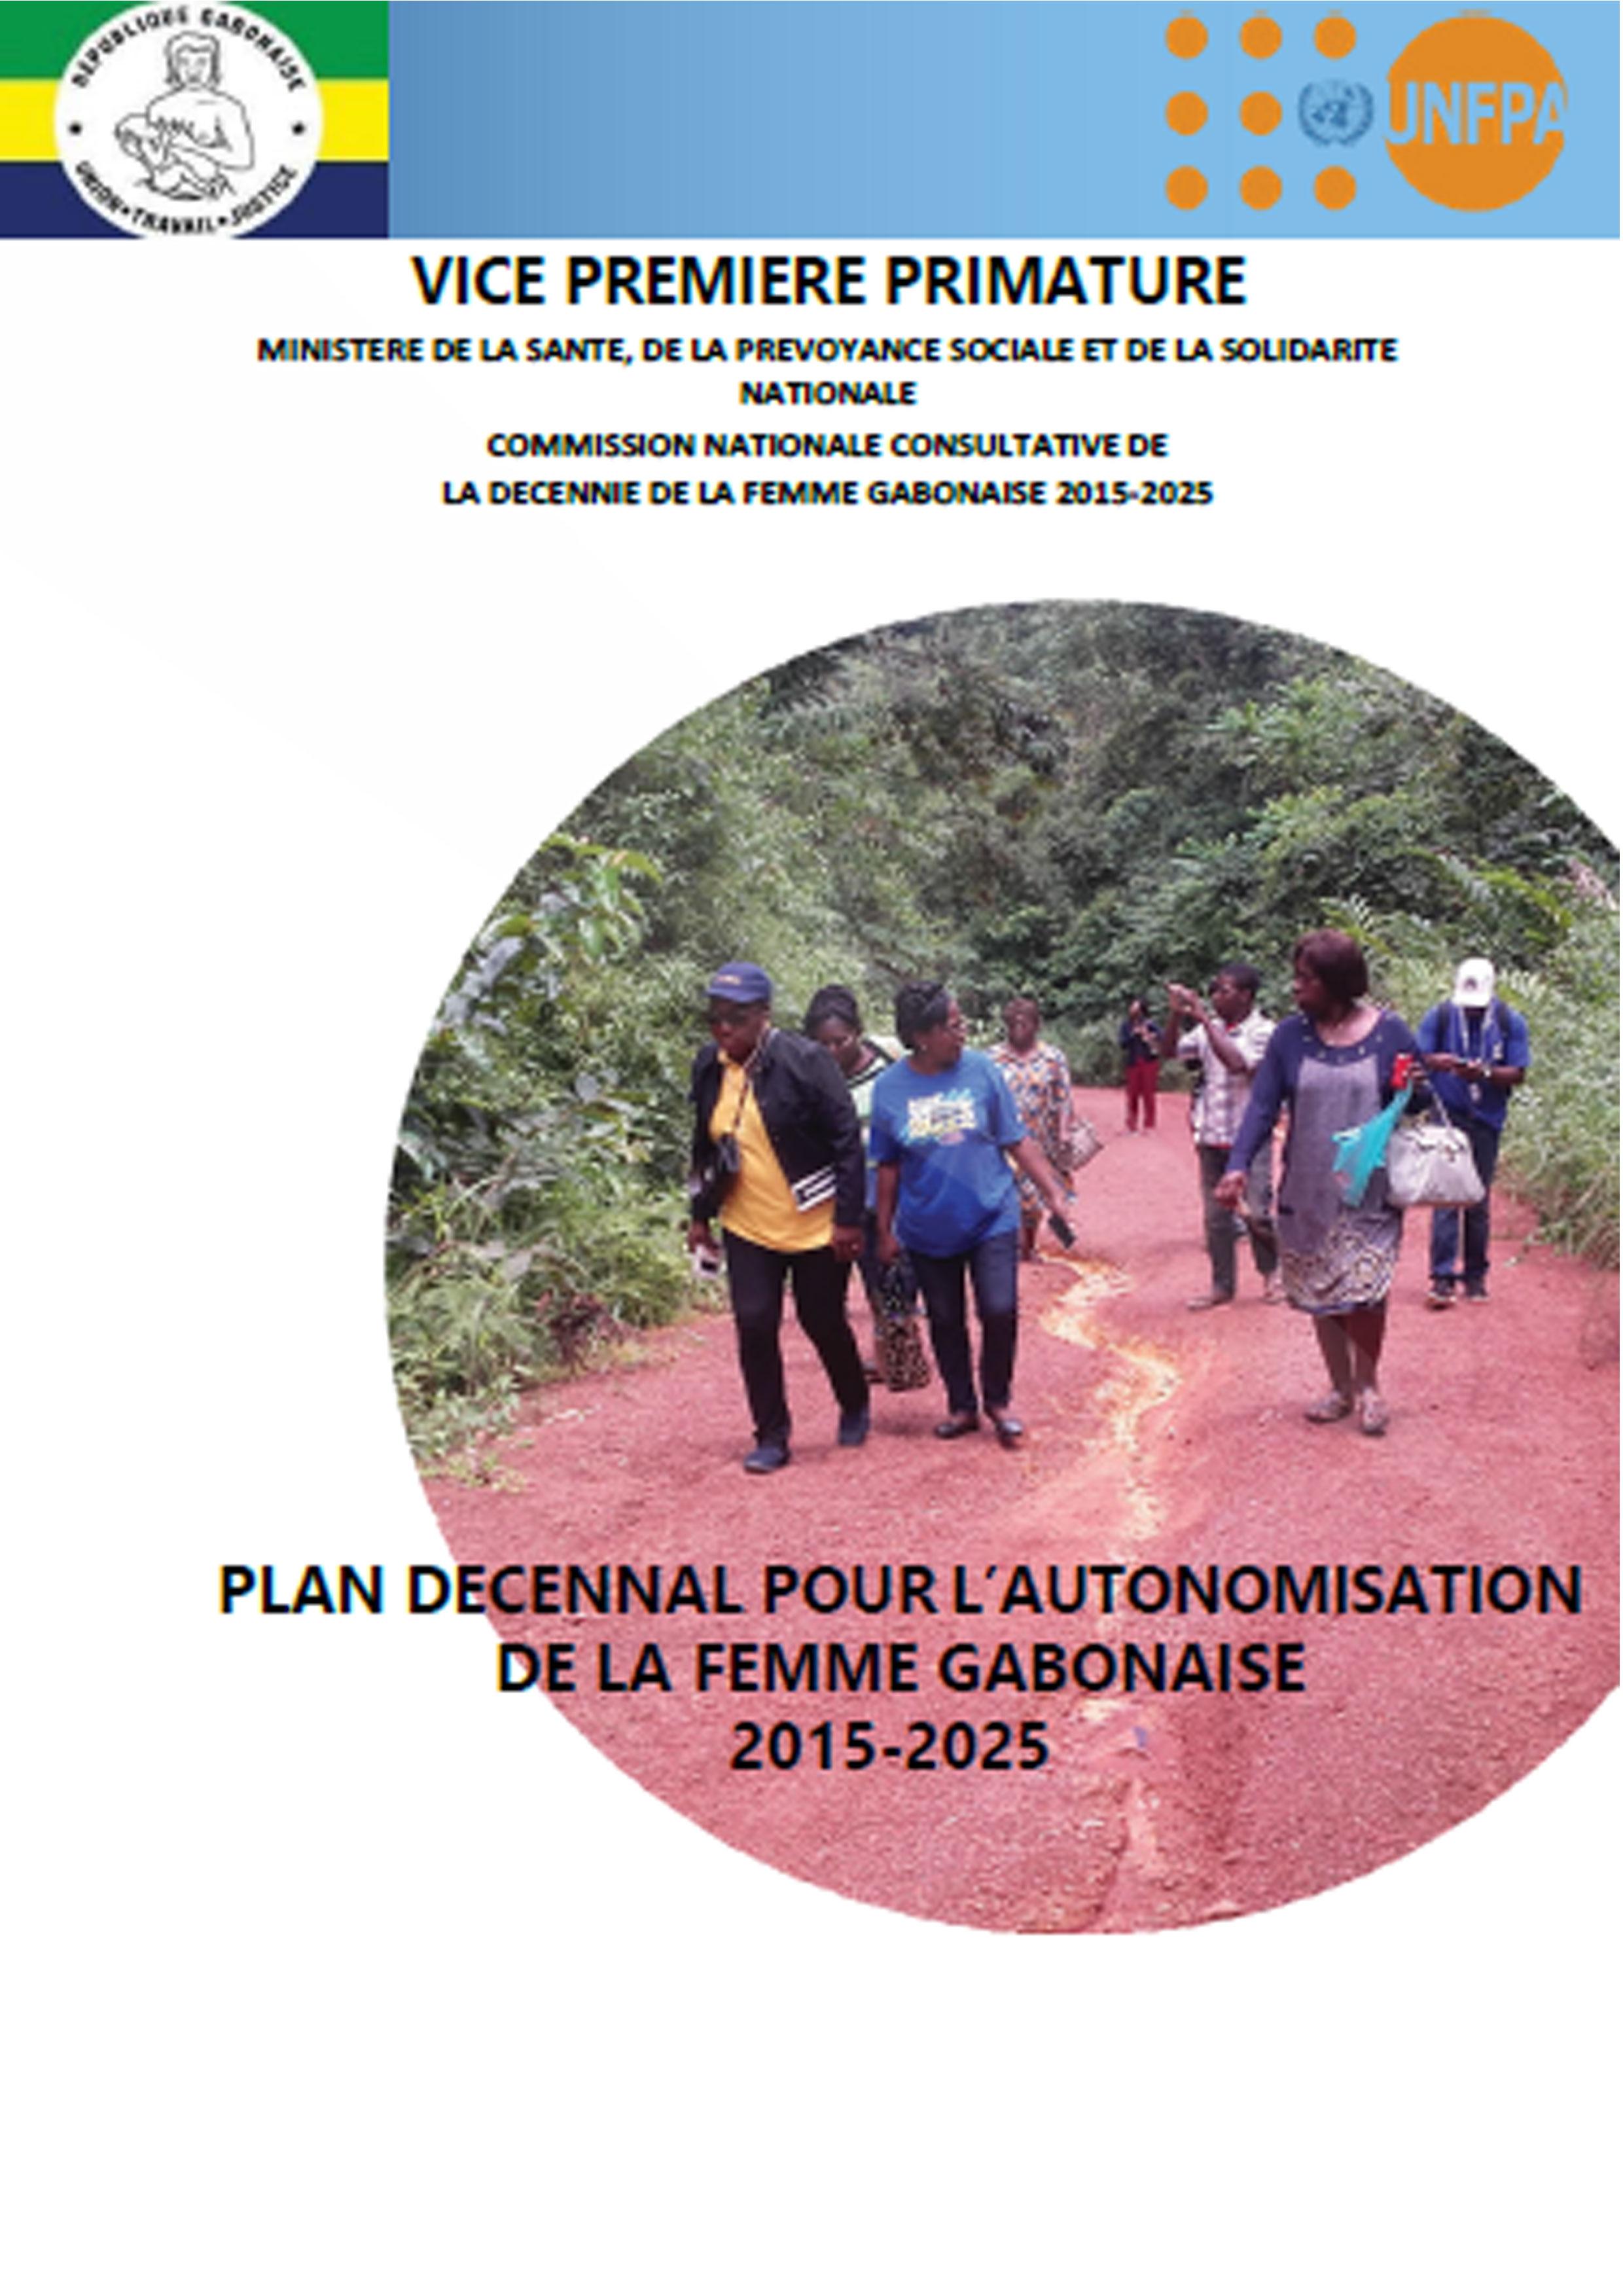 DECENNIE DE LA FEMME GABONAISE 2015-2025